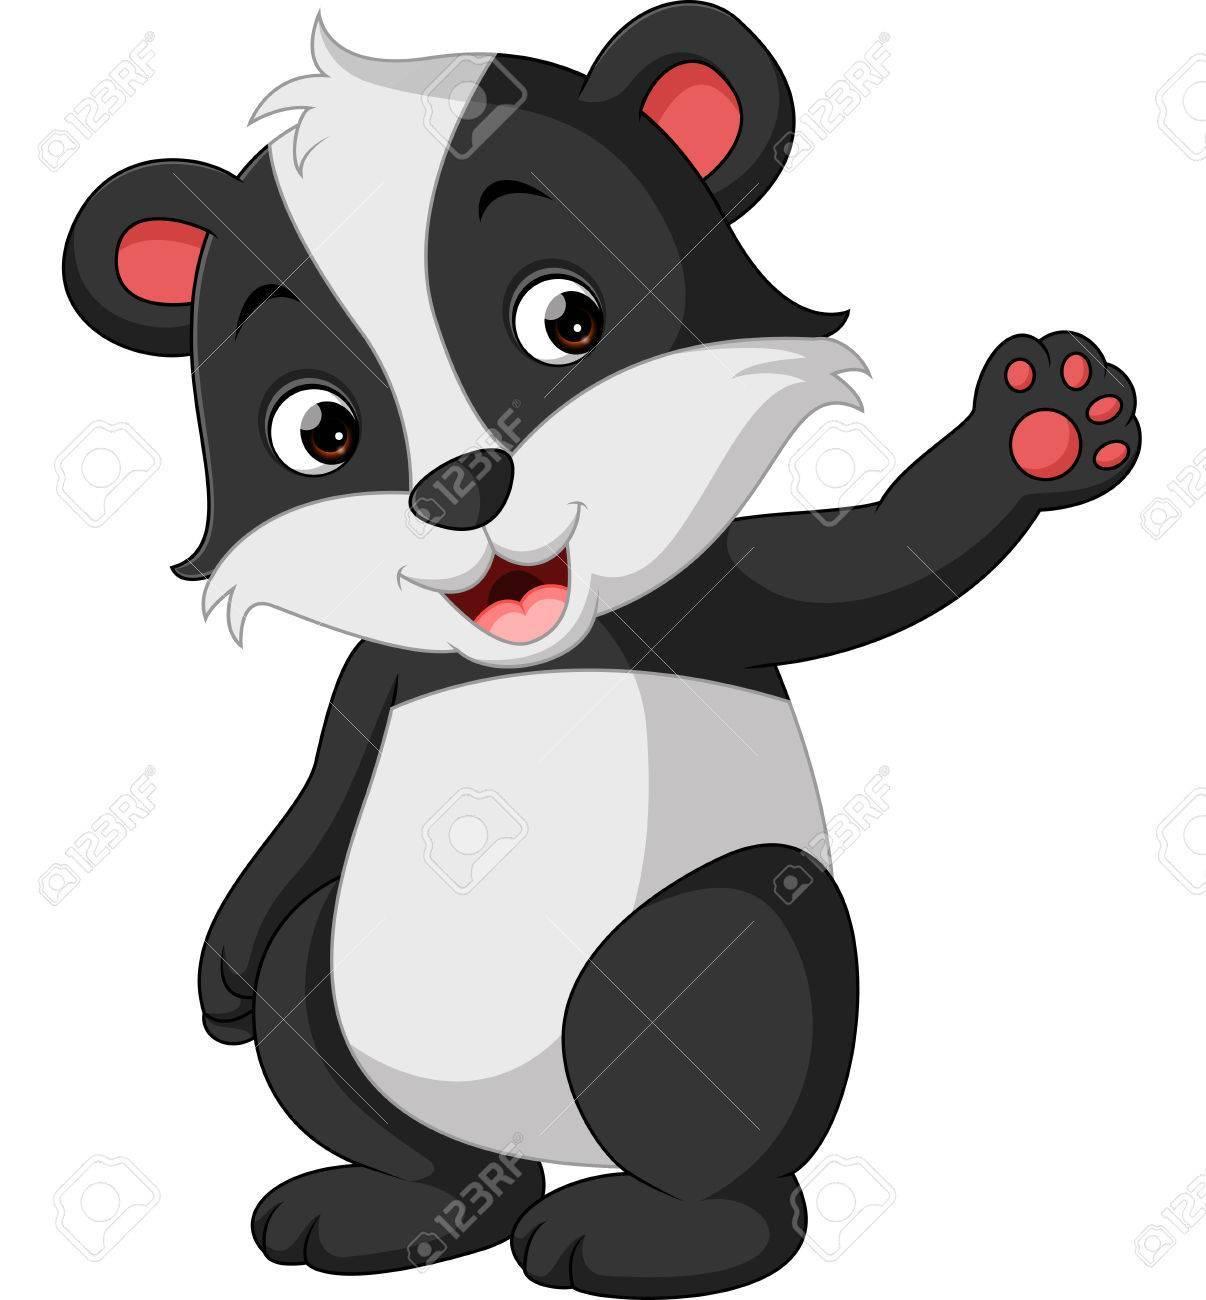 Cartoon badger clipart 3 » Clipart Portal.